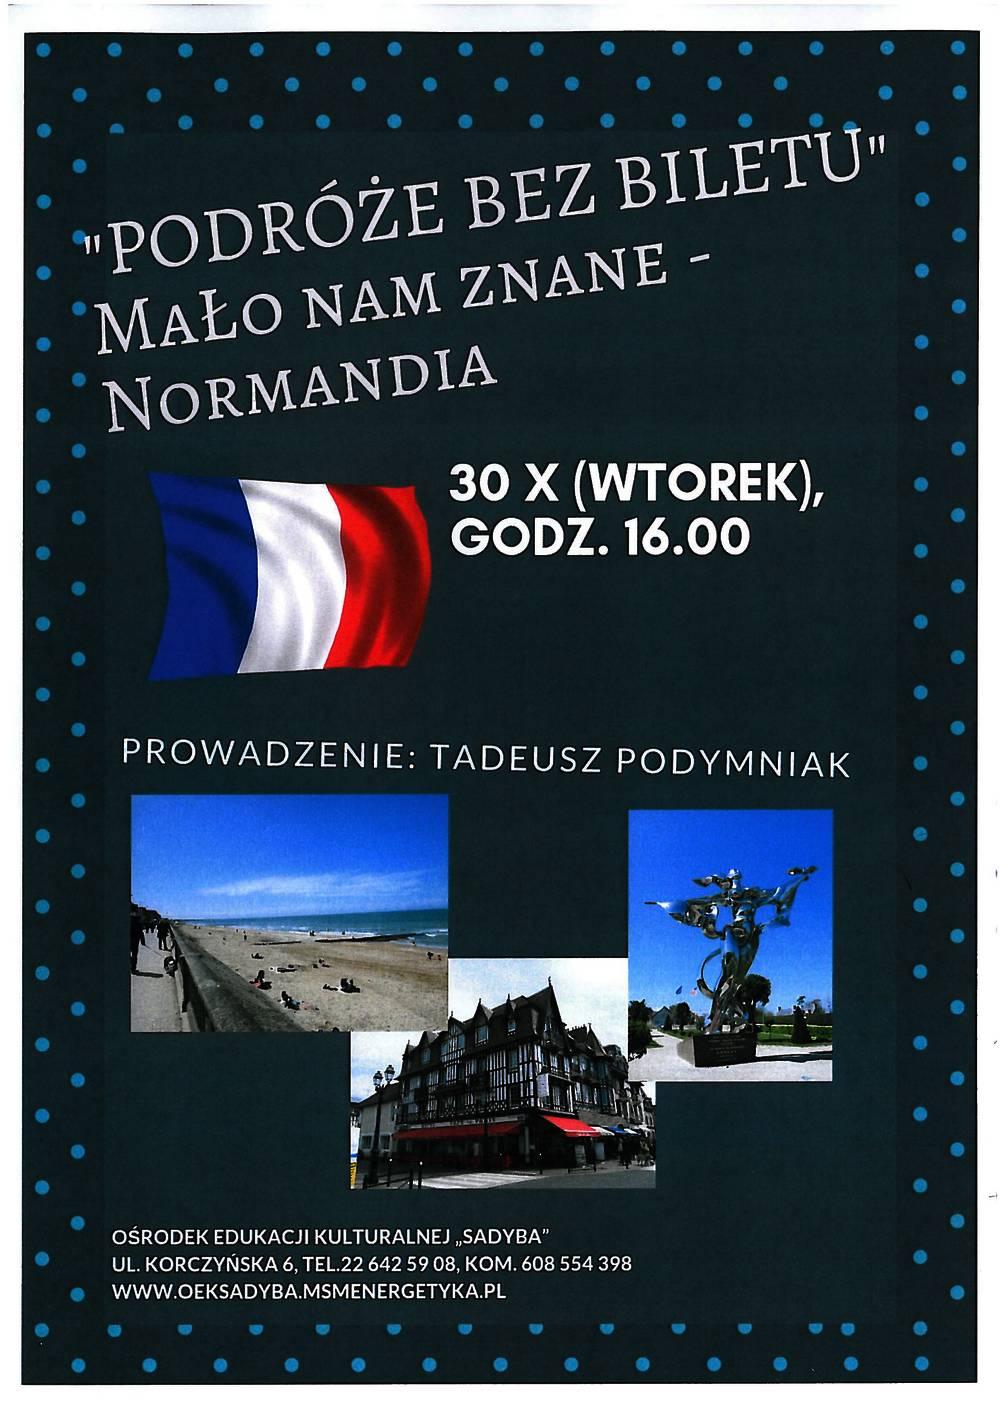 Podróże bez biletu: Normandia